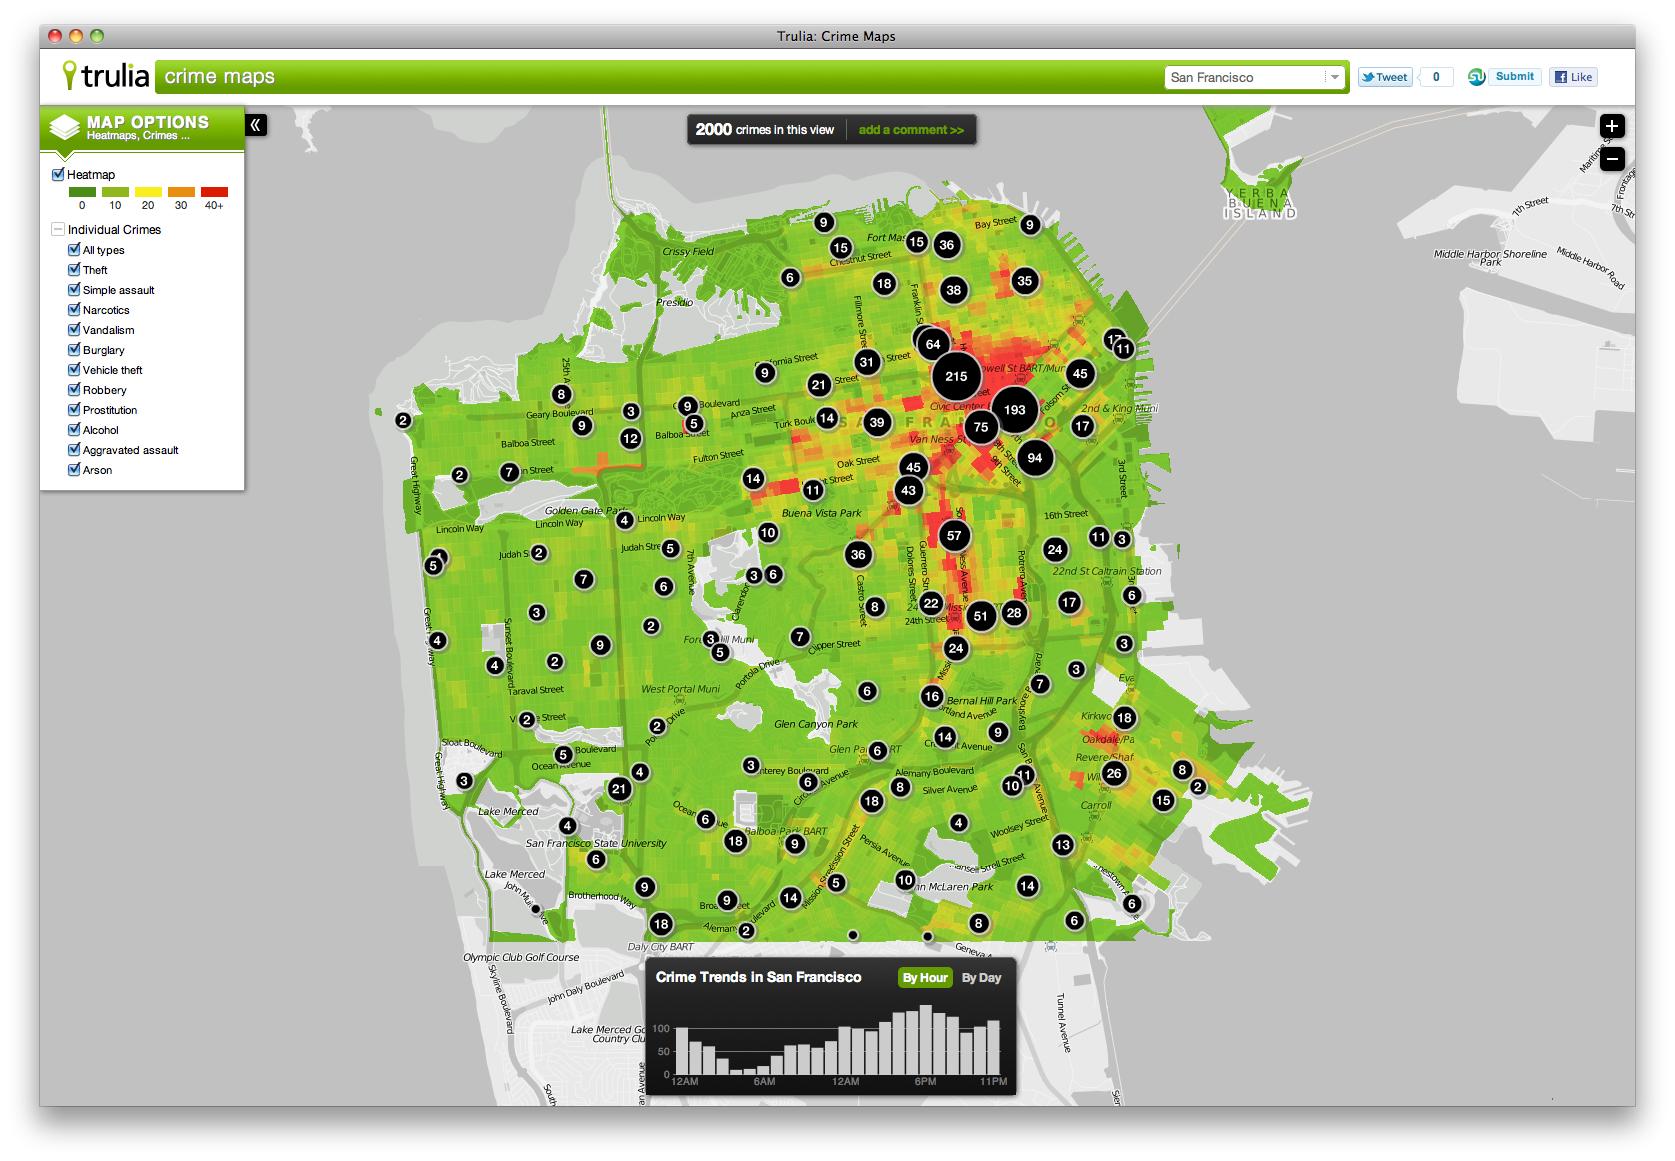 trulia crime maps